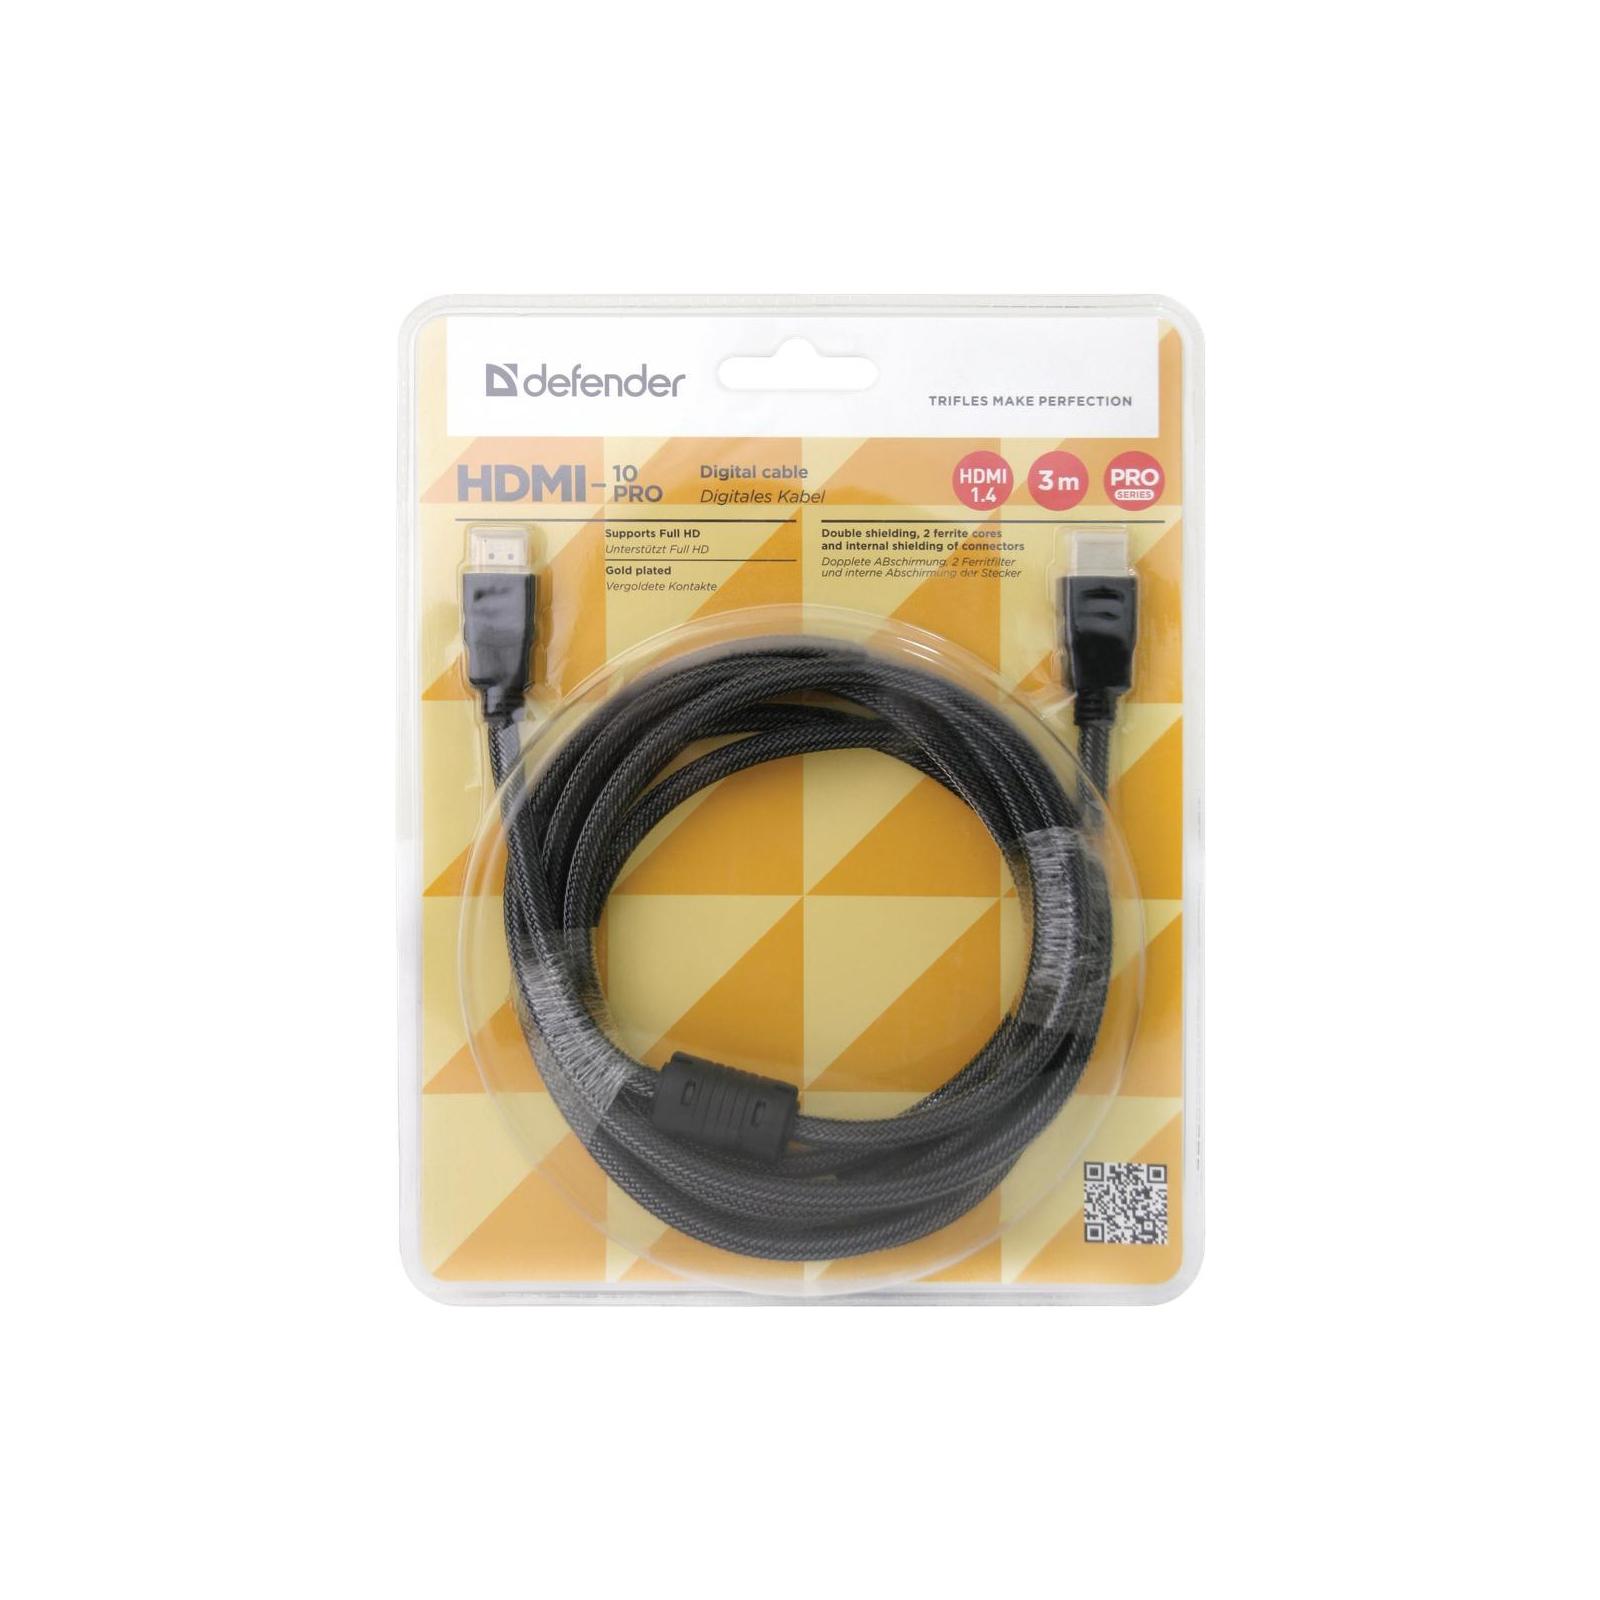 Кабель мультимедийный HDMI to HDMI 3m HDMI-10PRO v1.4 Defender (87434) изображение 3